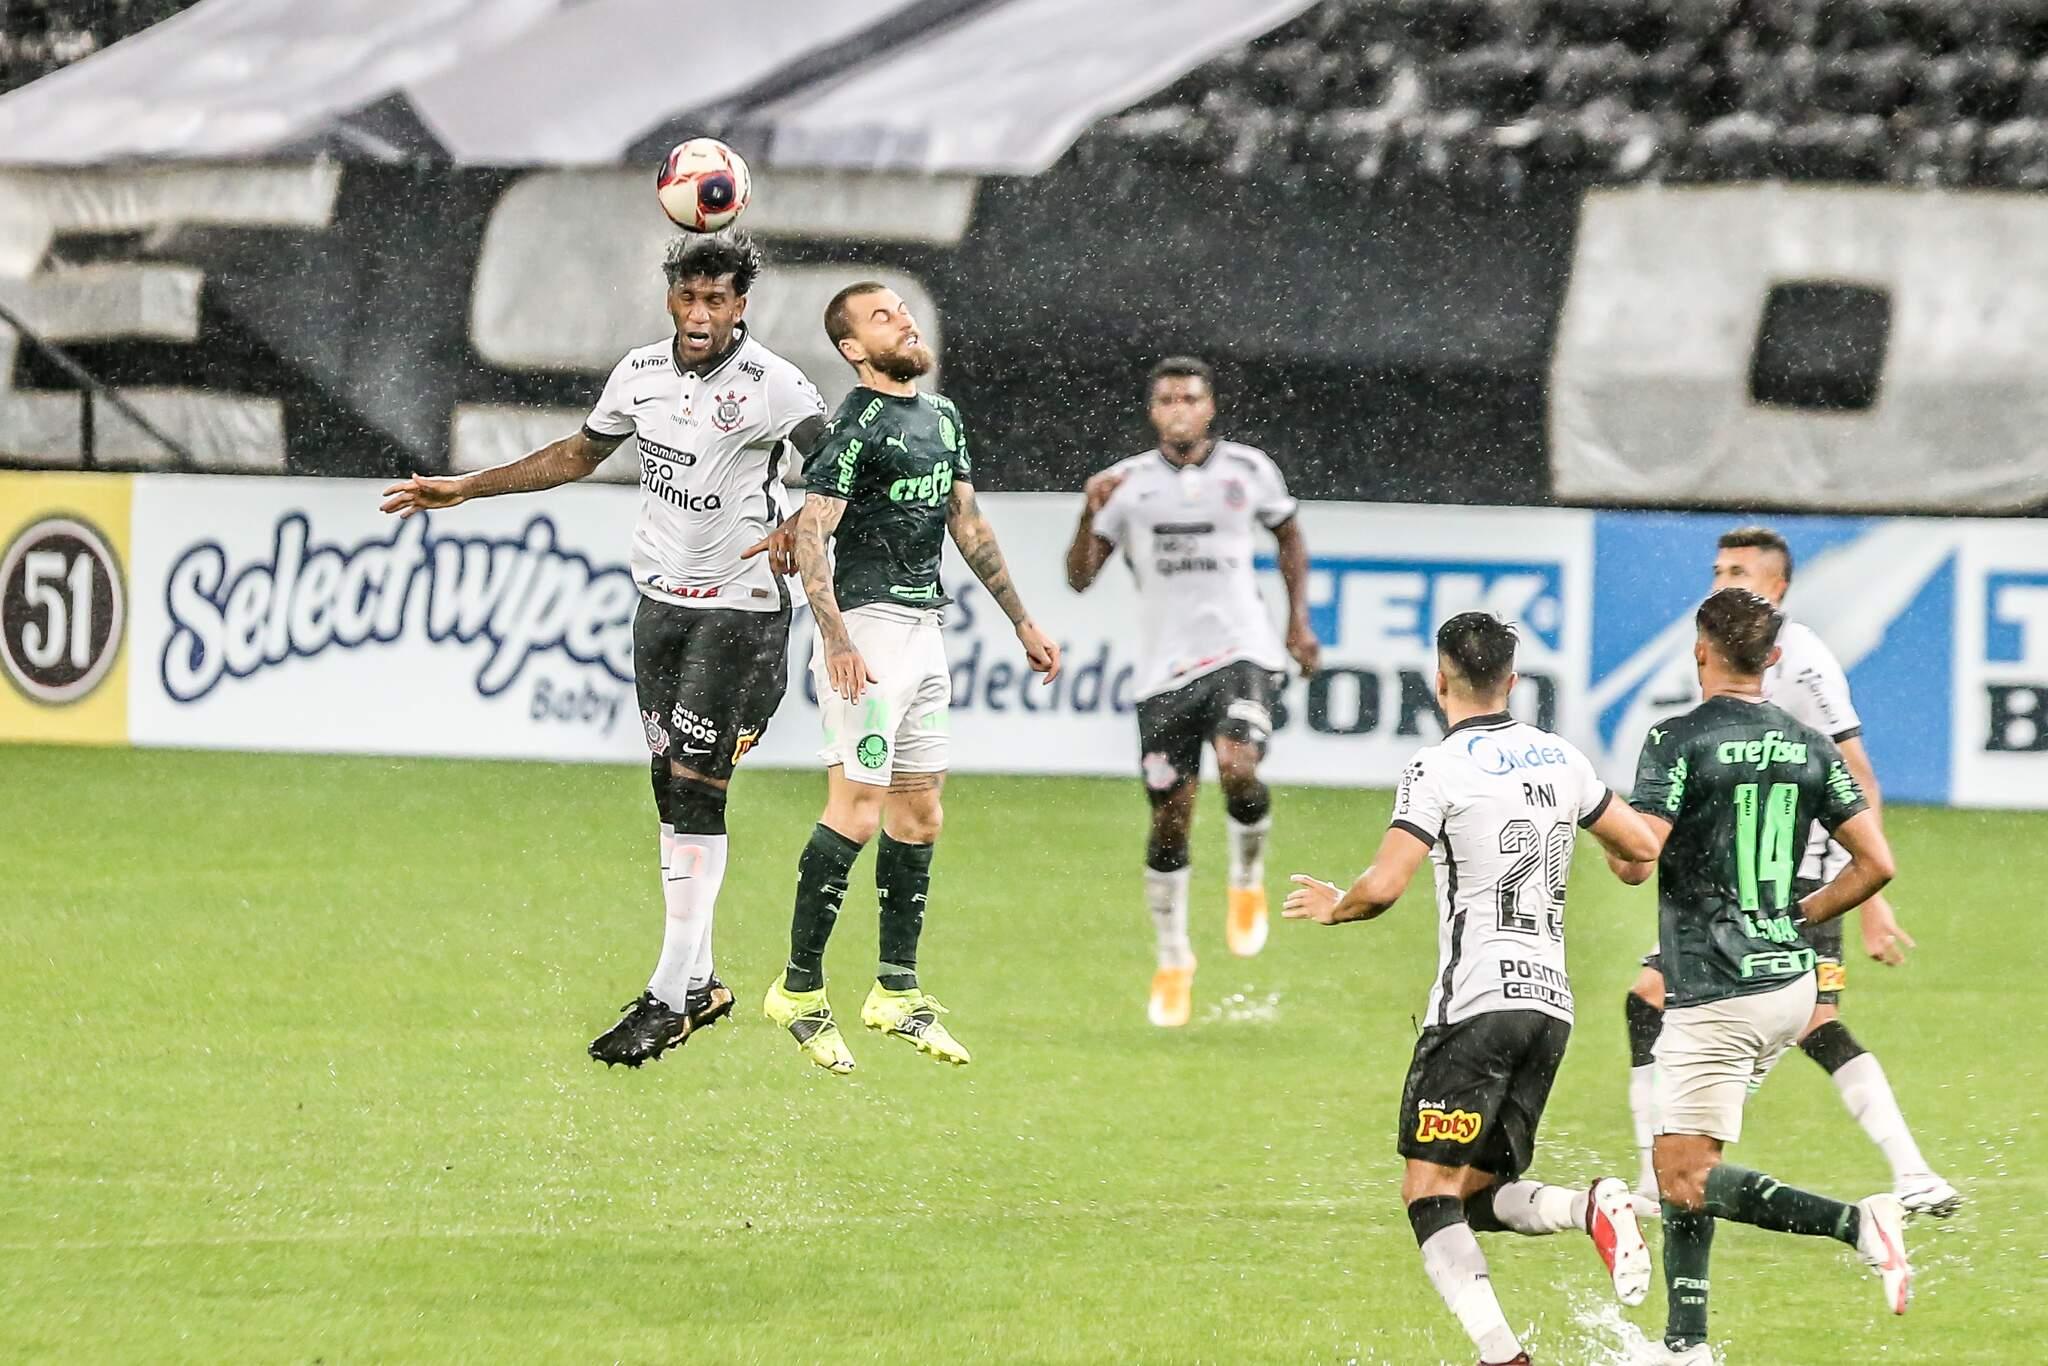 Gil do Corinthians durante a partida contra o Palmeiras, jogo valido pela 02 rodada do Campeonato Paulista 2021, partida disputada na Neo Química Arena, zona lesta de São Paulo, na tarde desta quarta-feira. (03). (Foto: Campeonato Paulista)